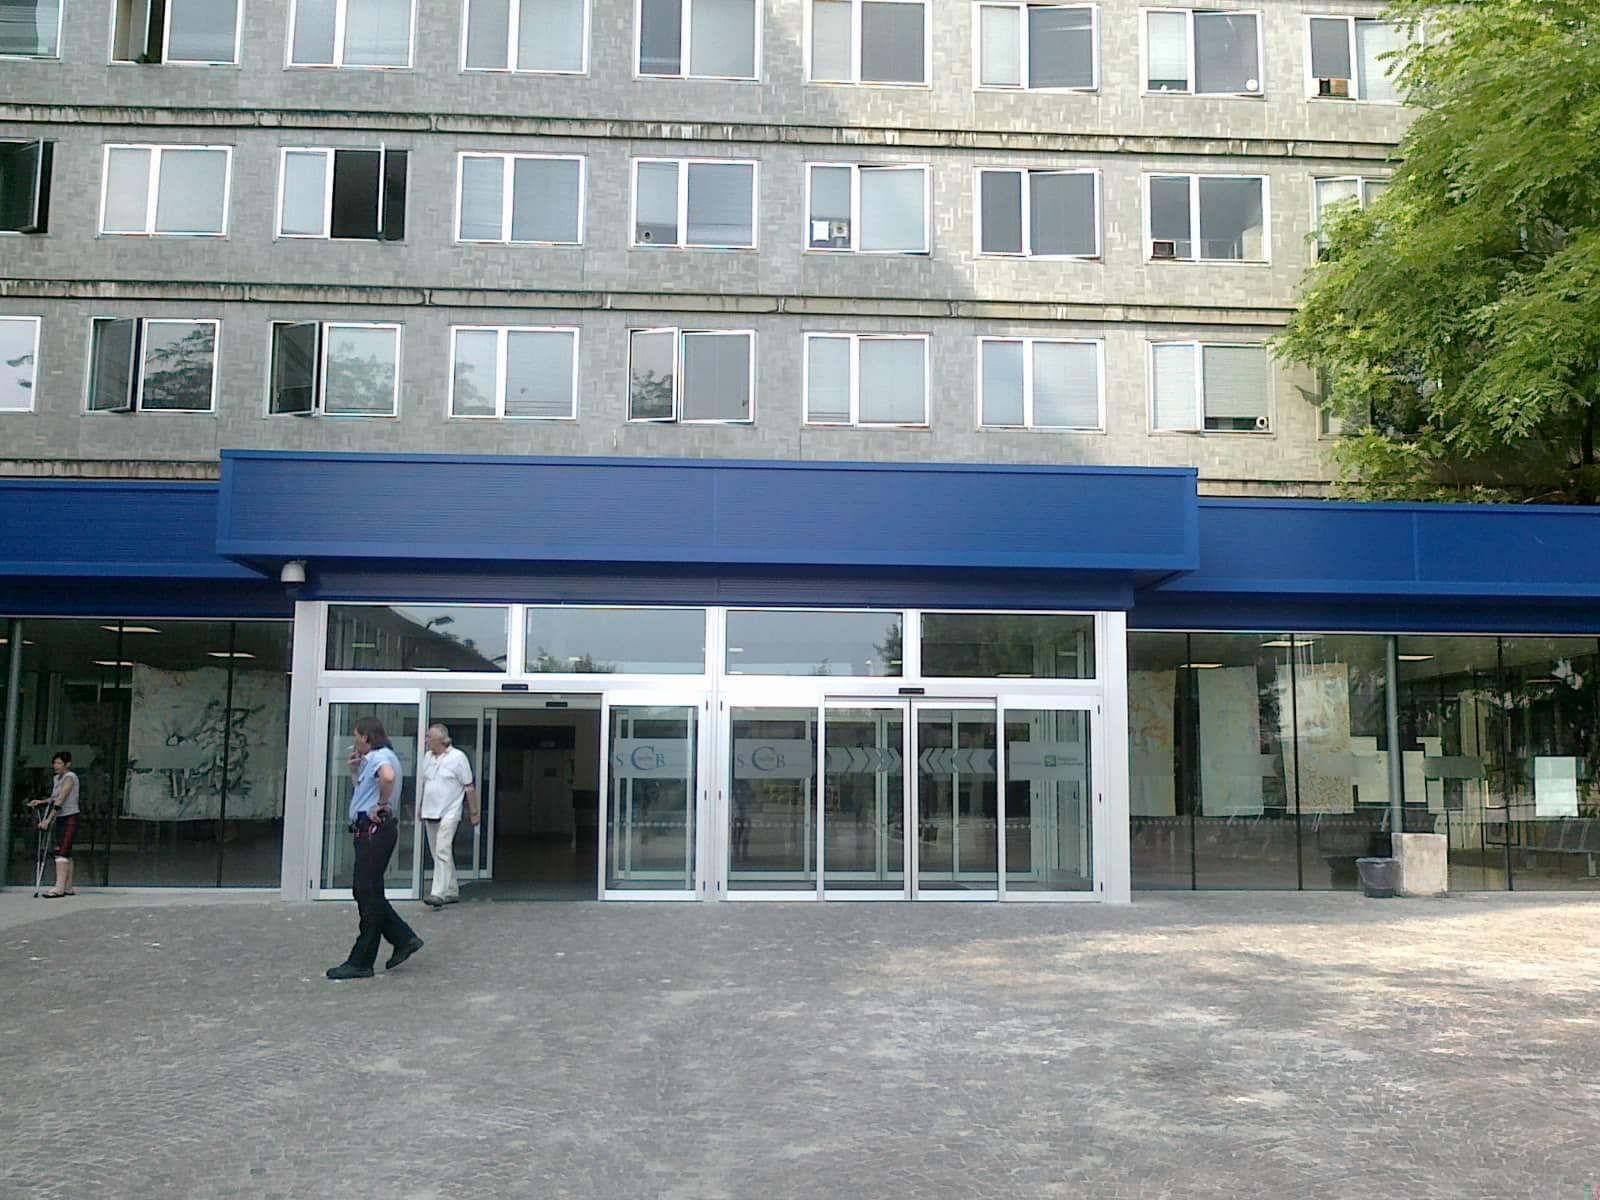 esterno bussola ospedale san carlo borromeo